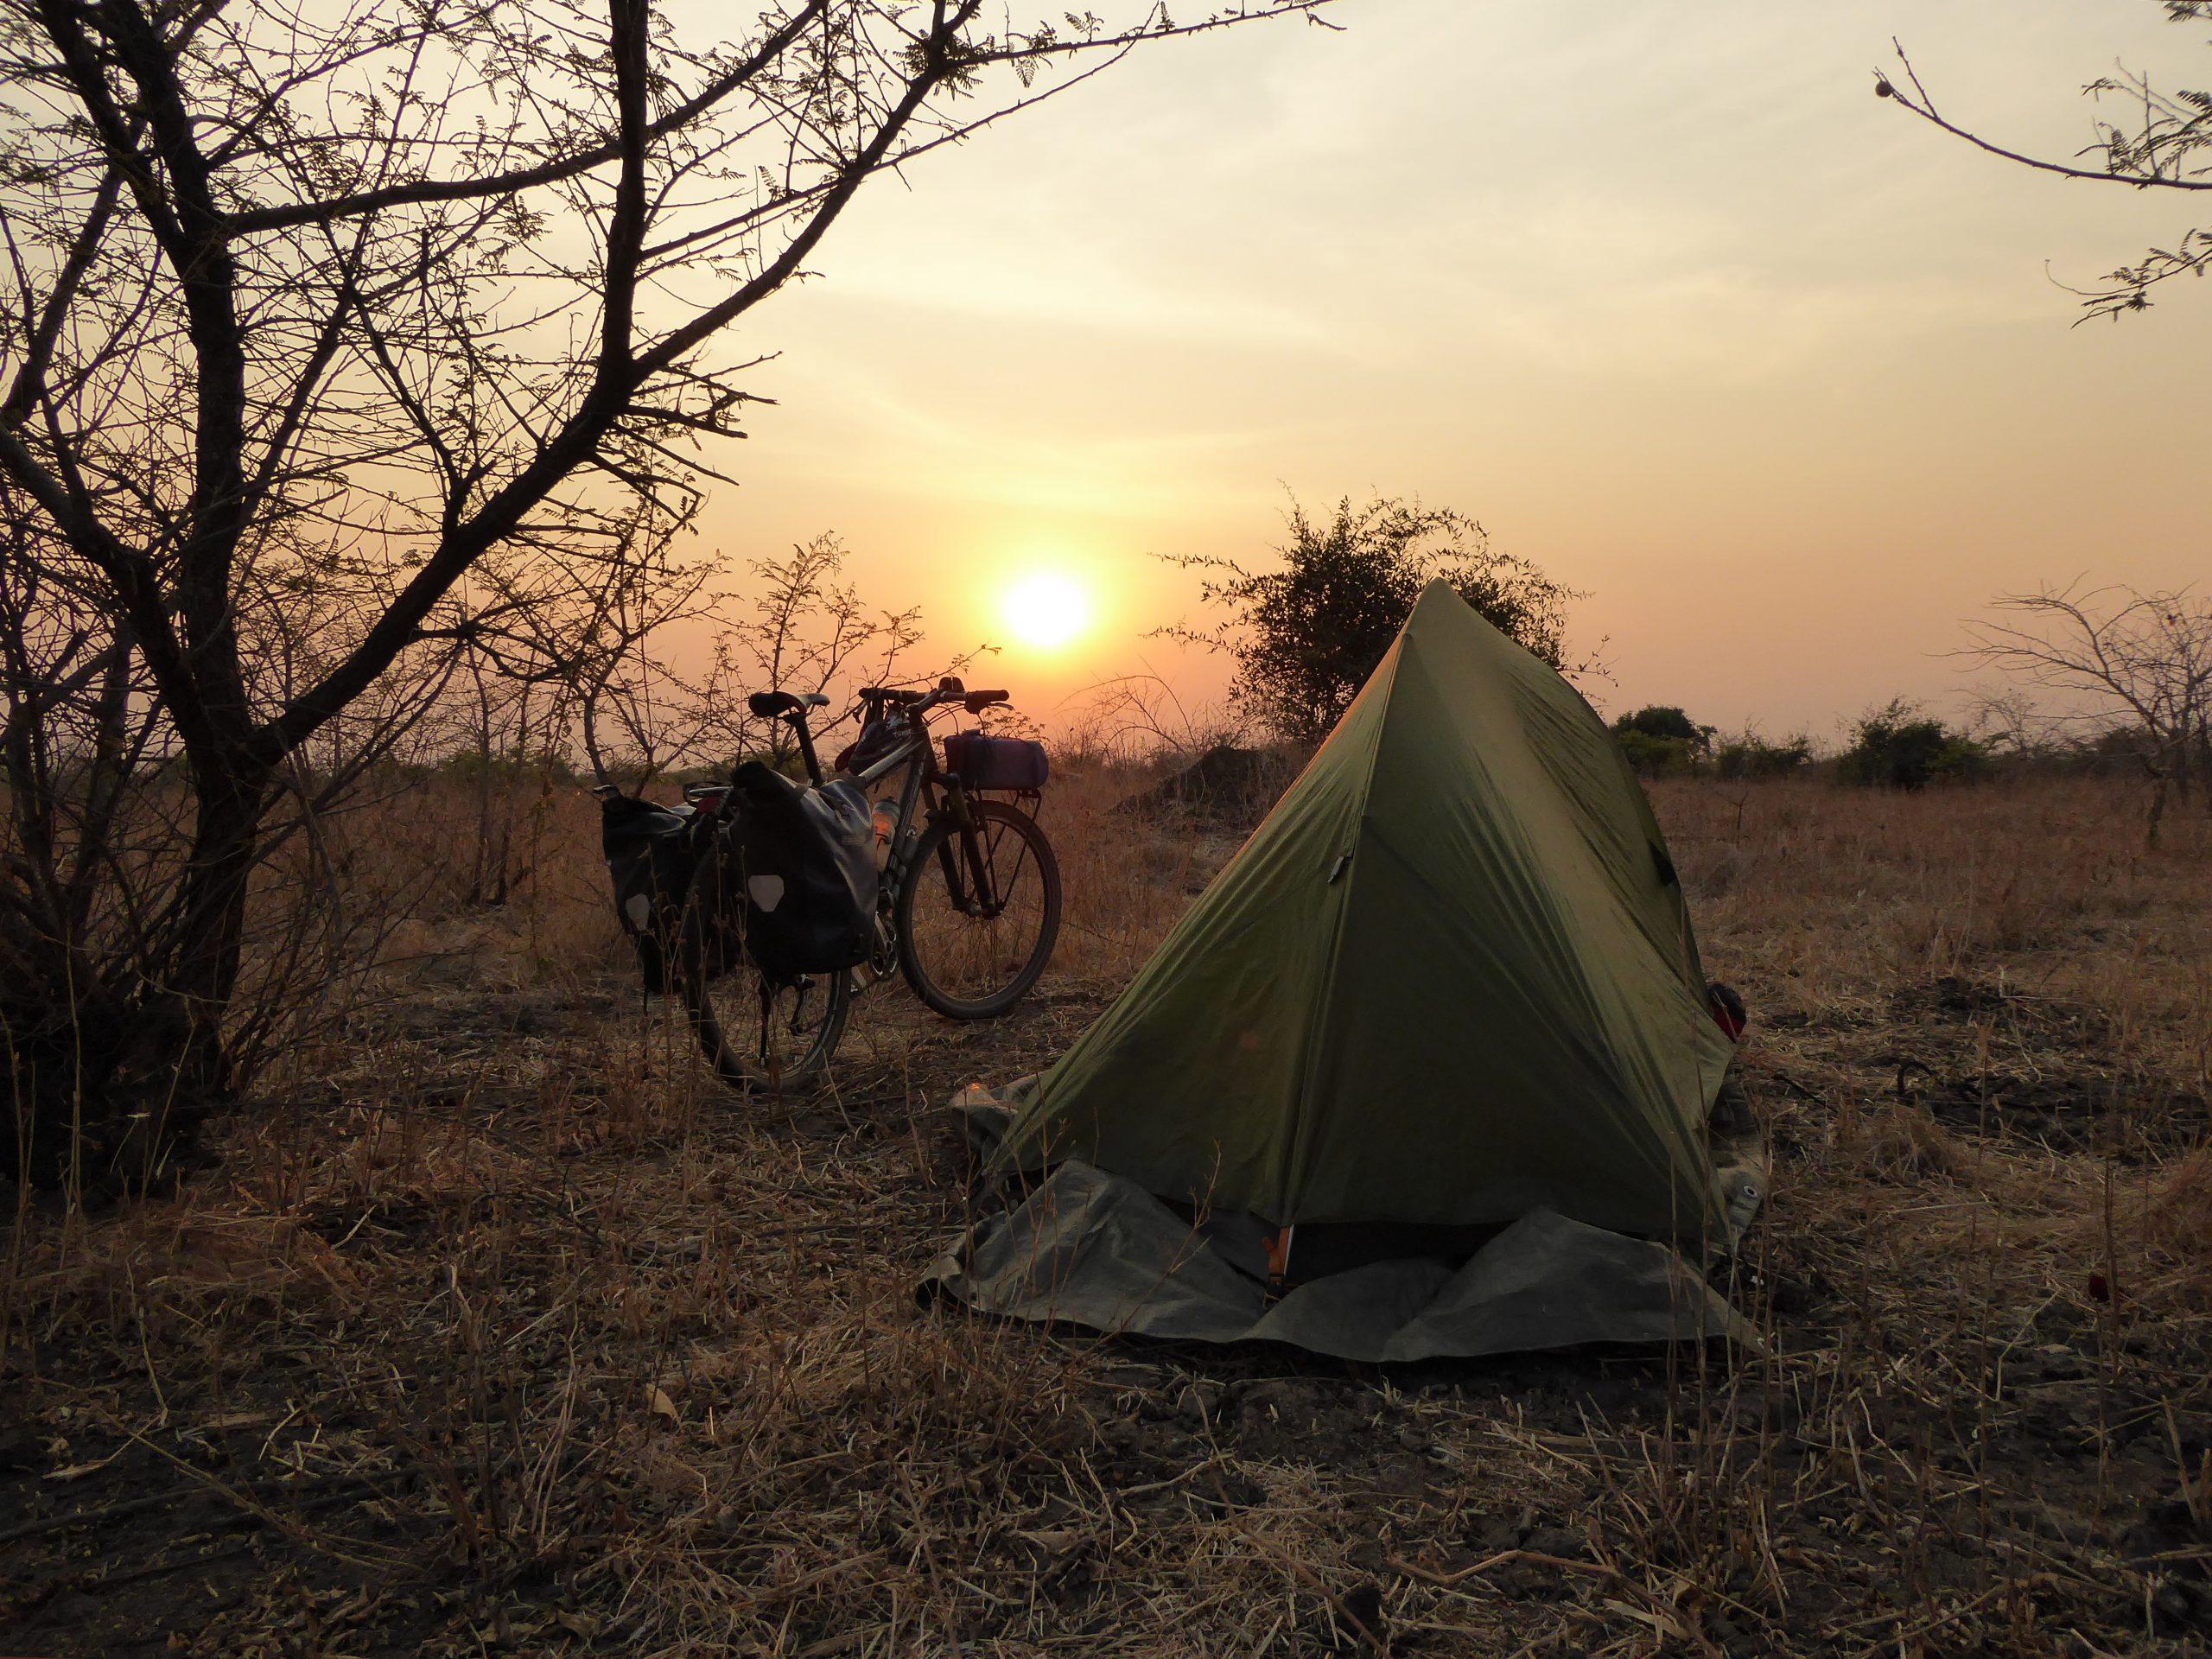 Radreise Afrika 2014 - Zeltplatz in der Wildnis